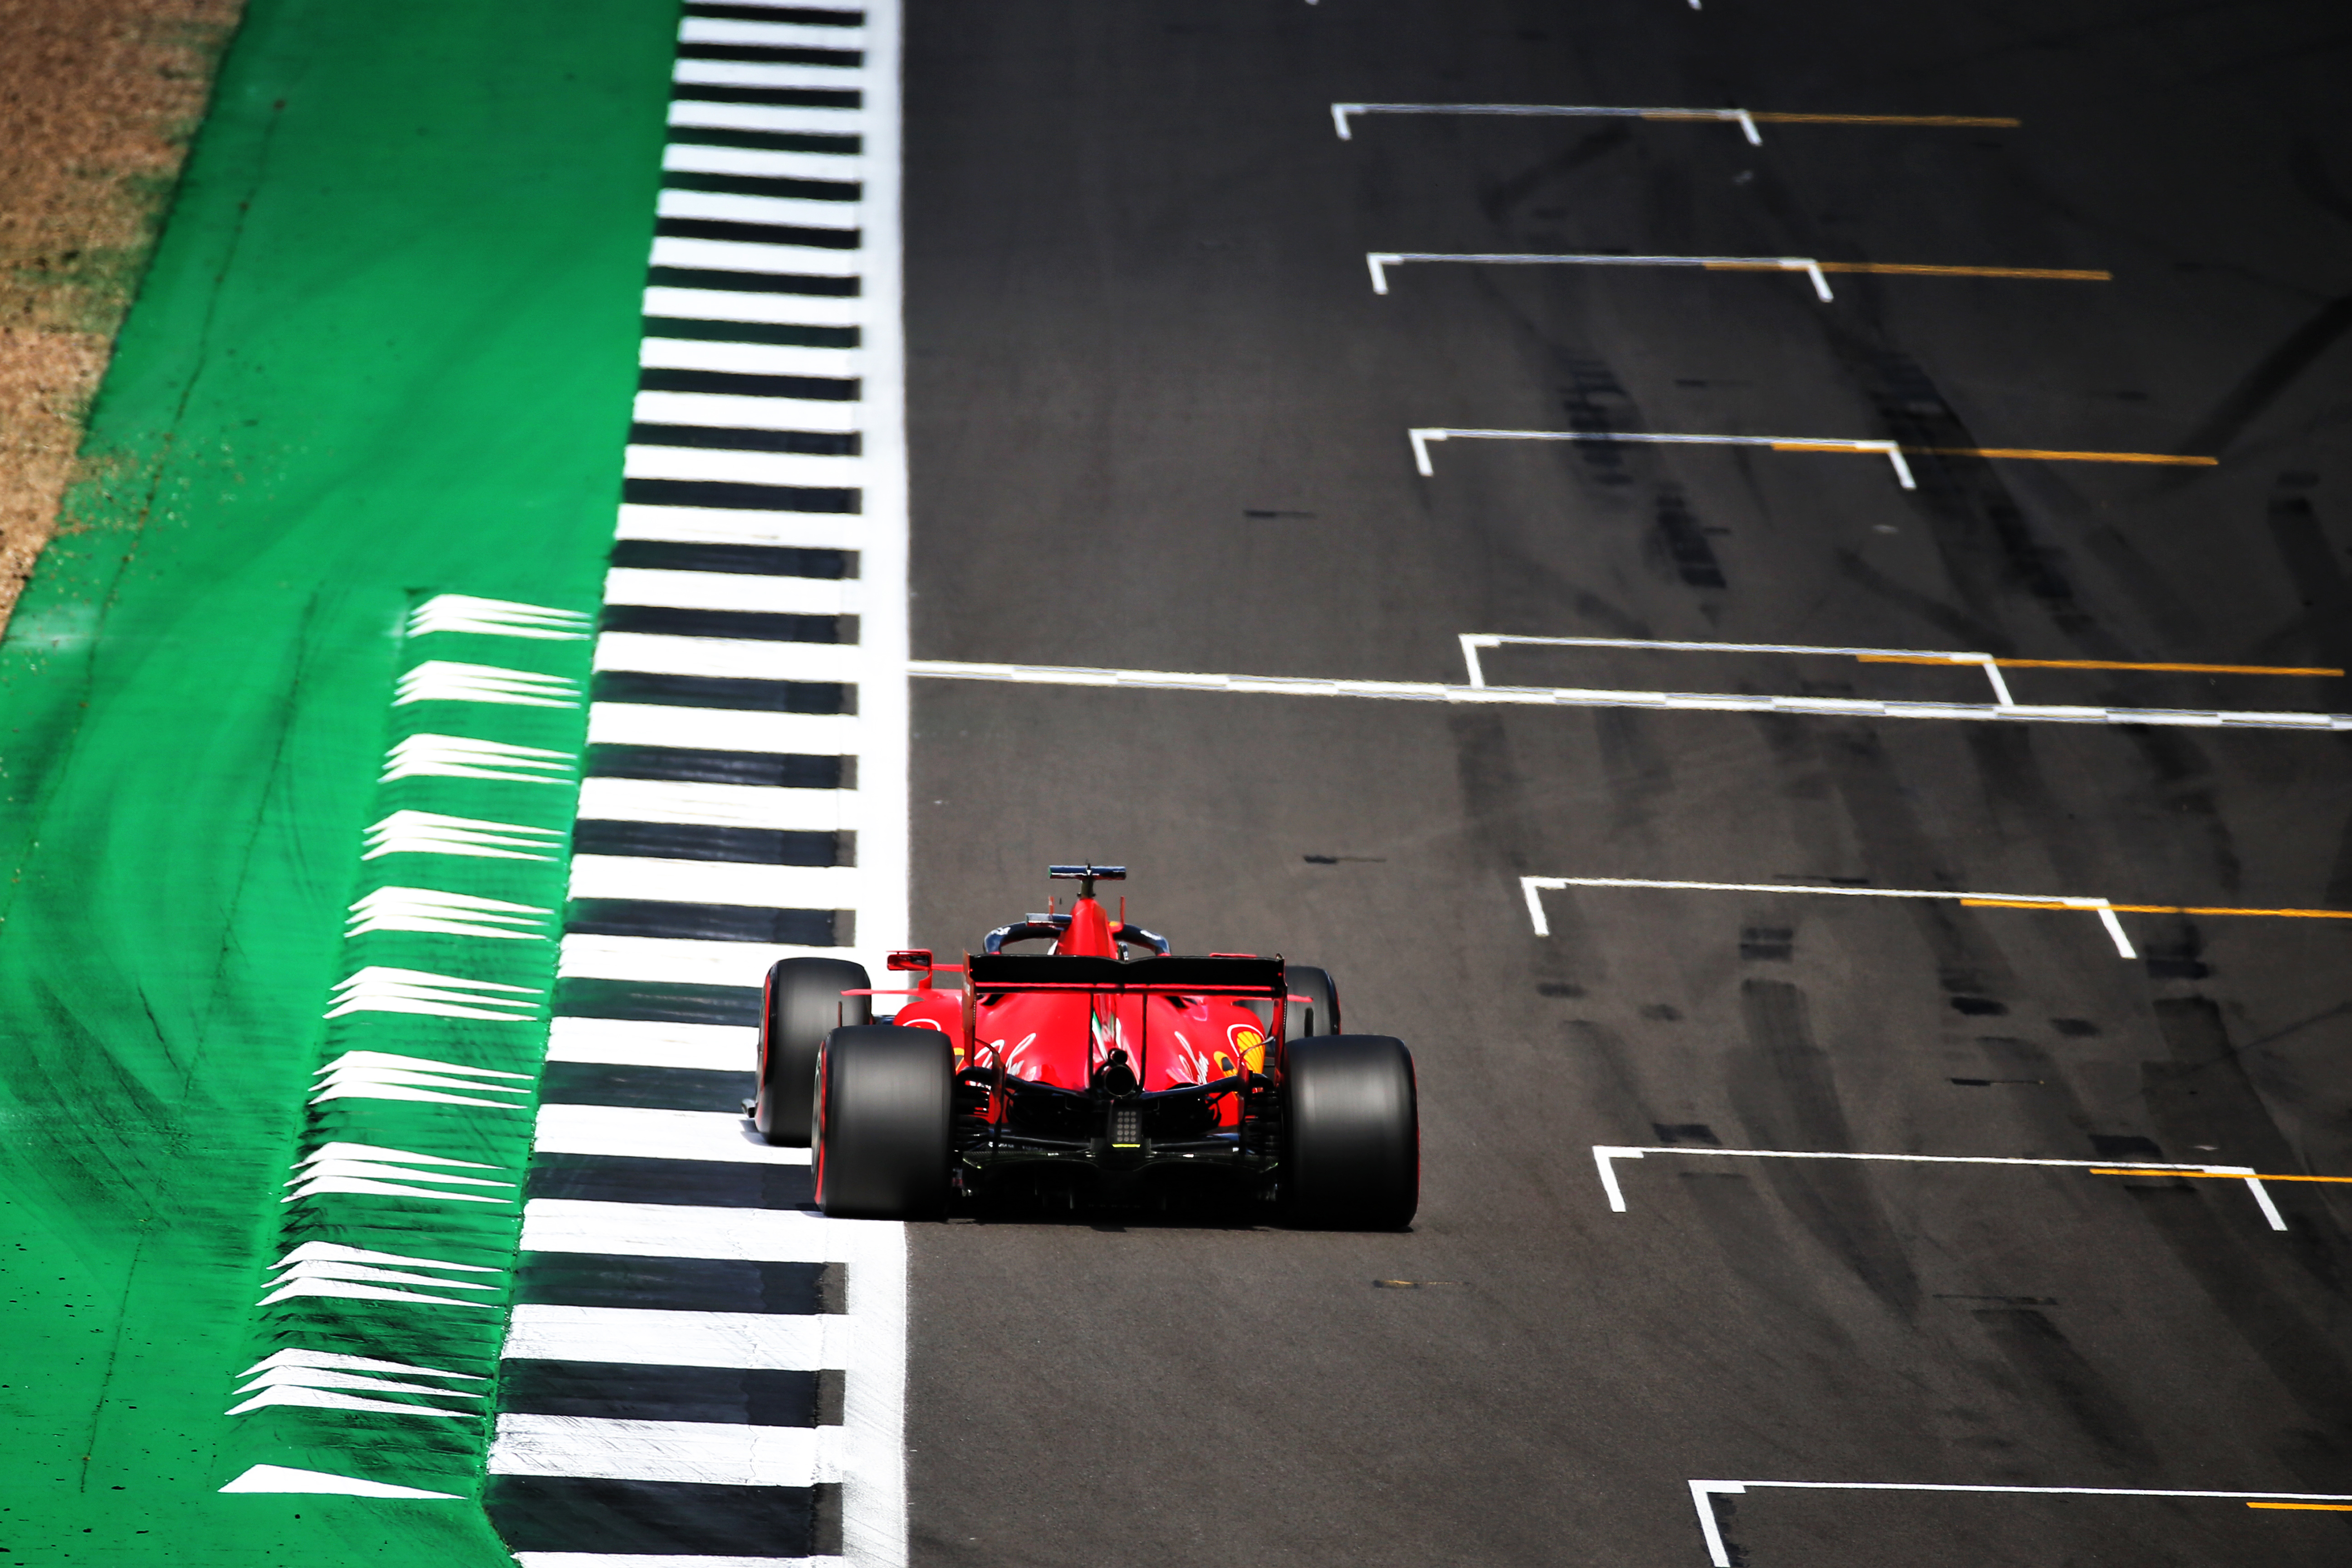 Sebastian Vettel Ferrari British Grand Prix 2020 Silverstone